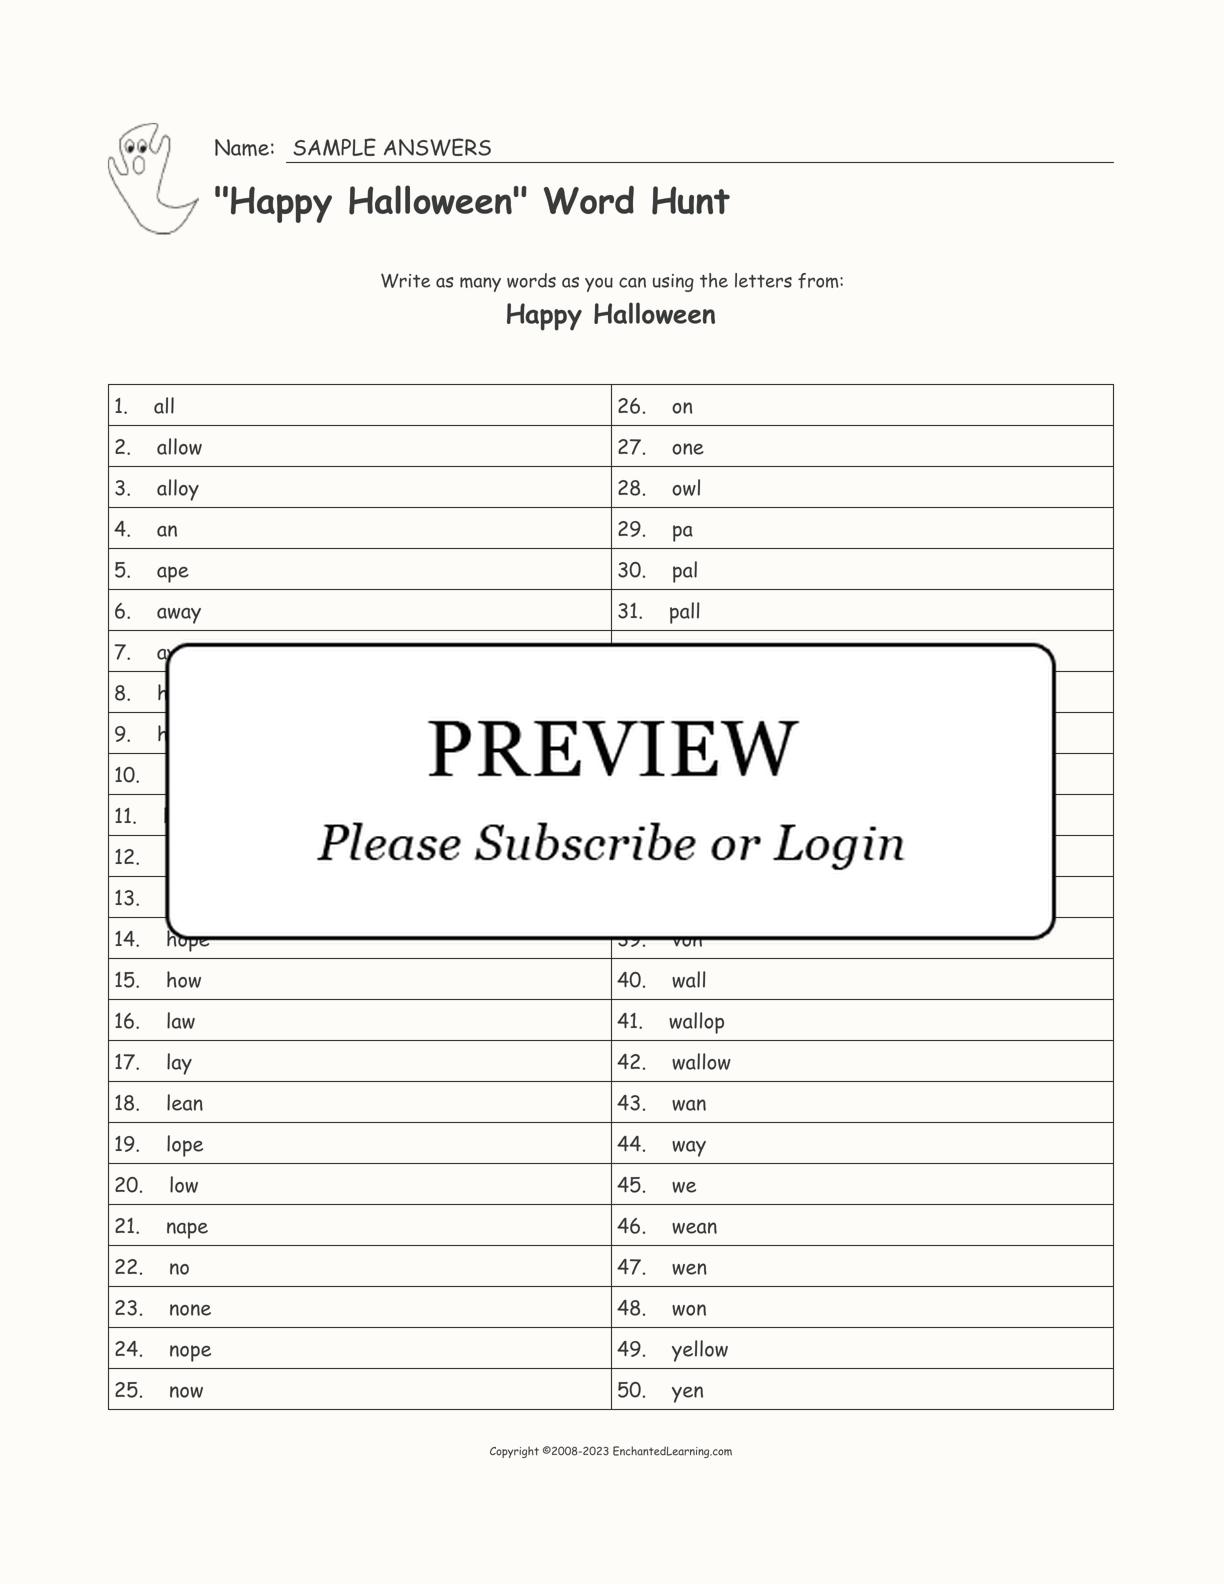 50 Blank Happy Halloween Word Hunt Worksheet